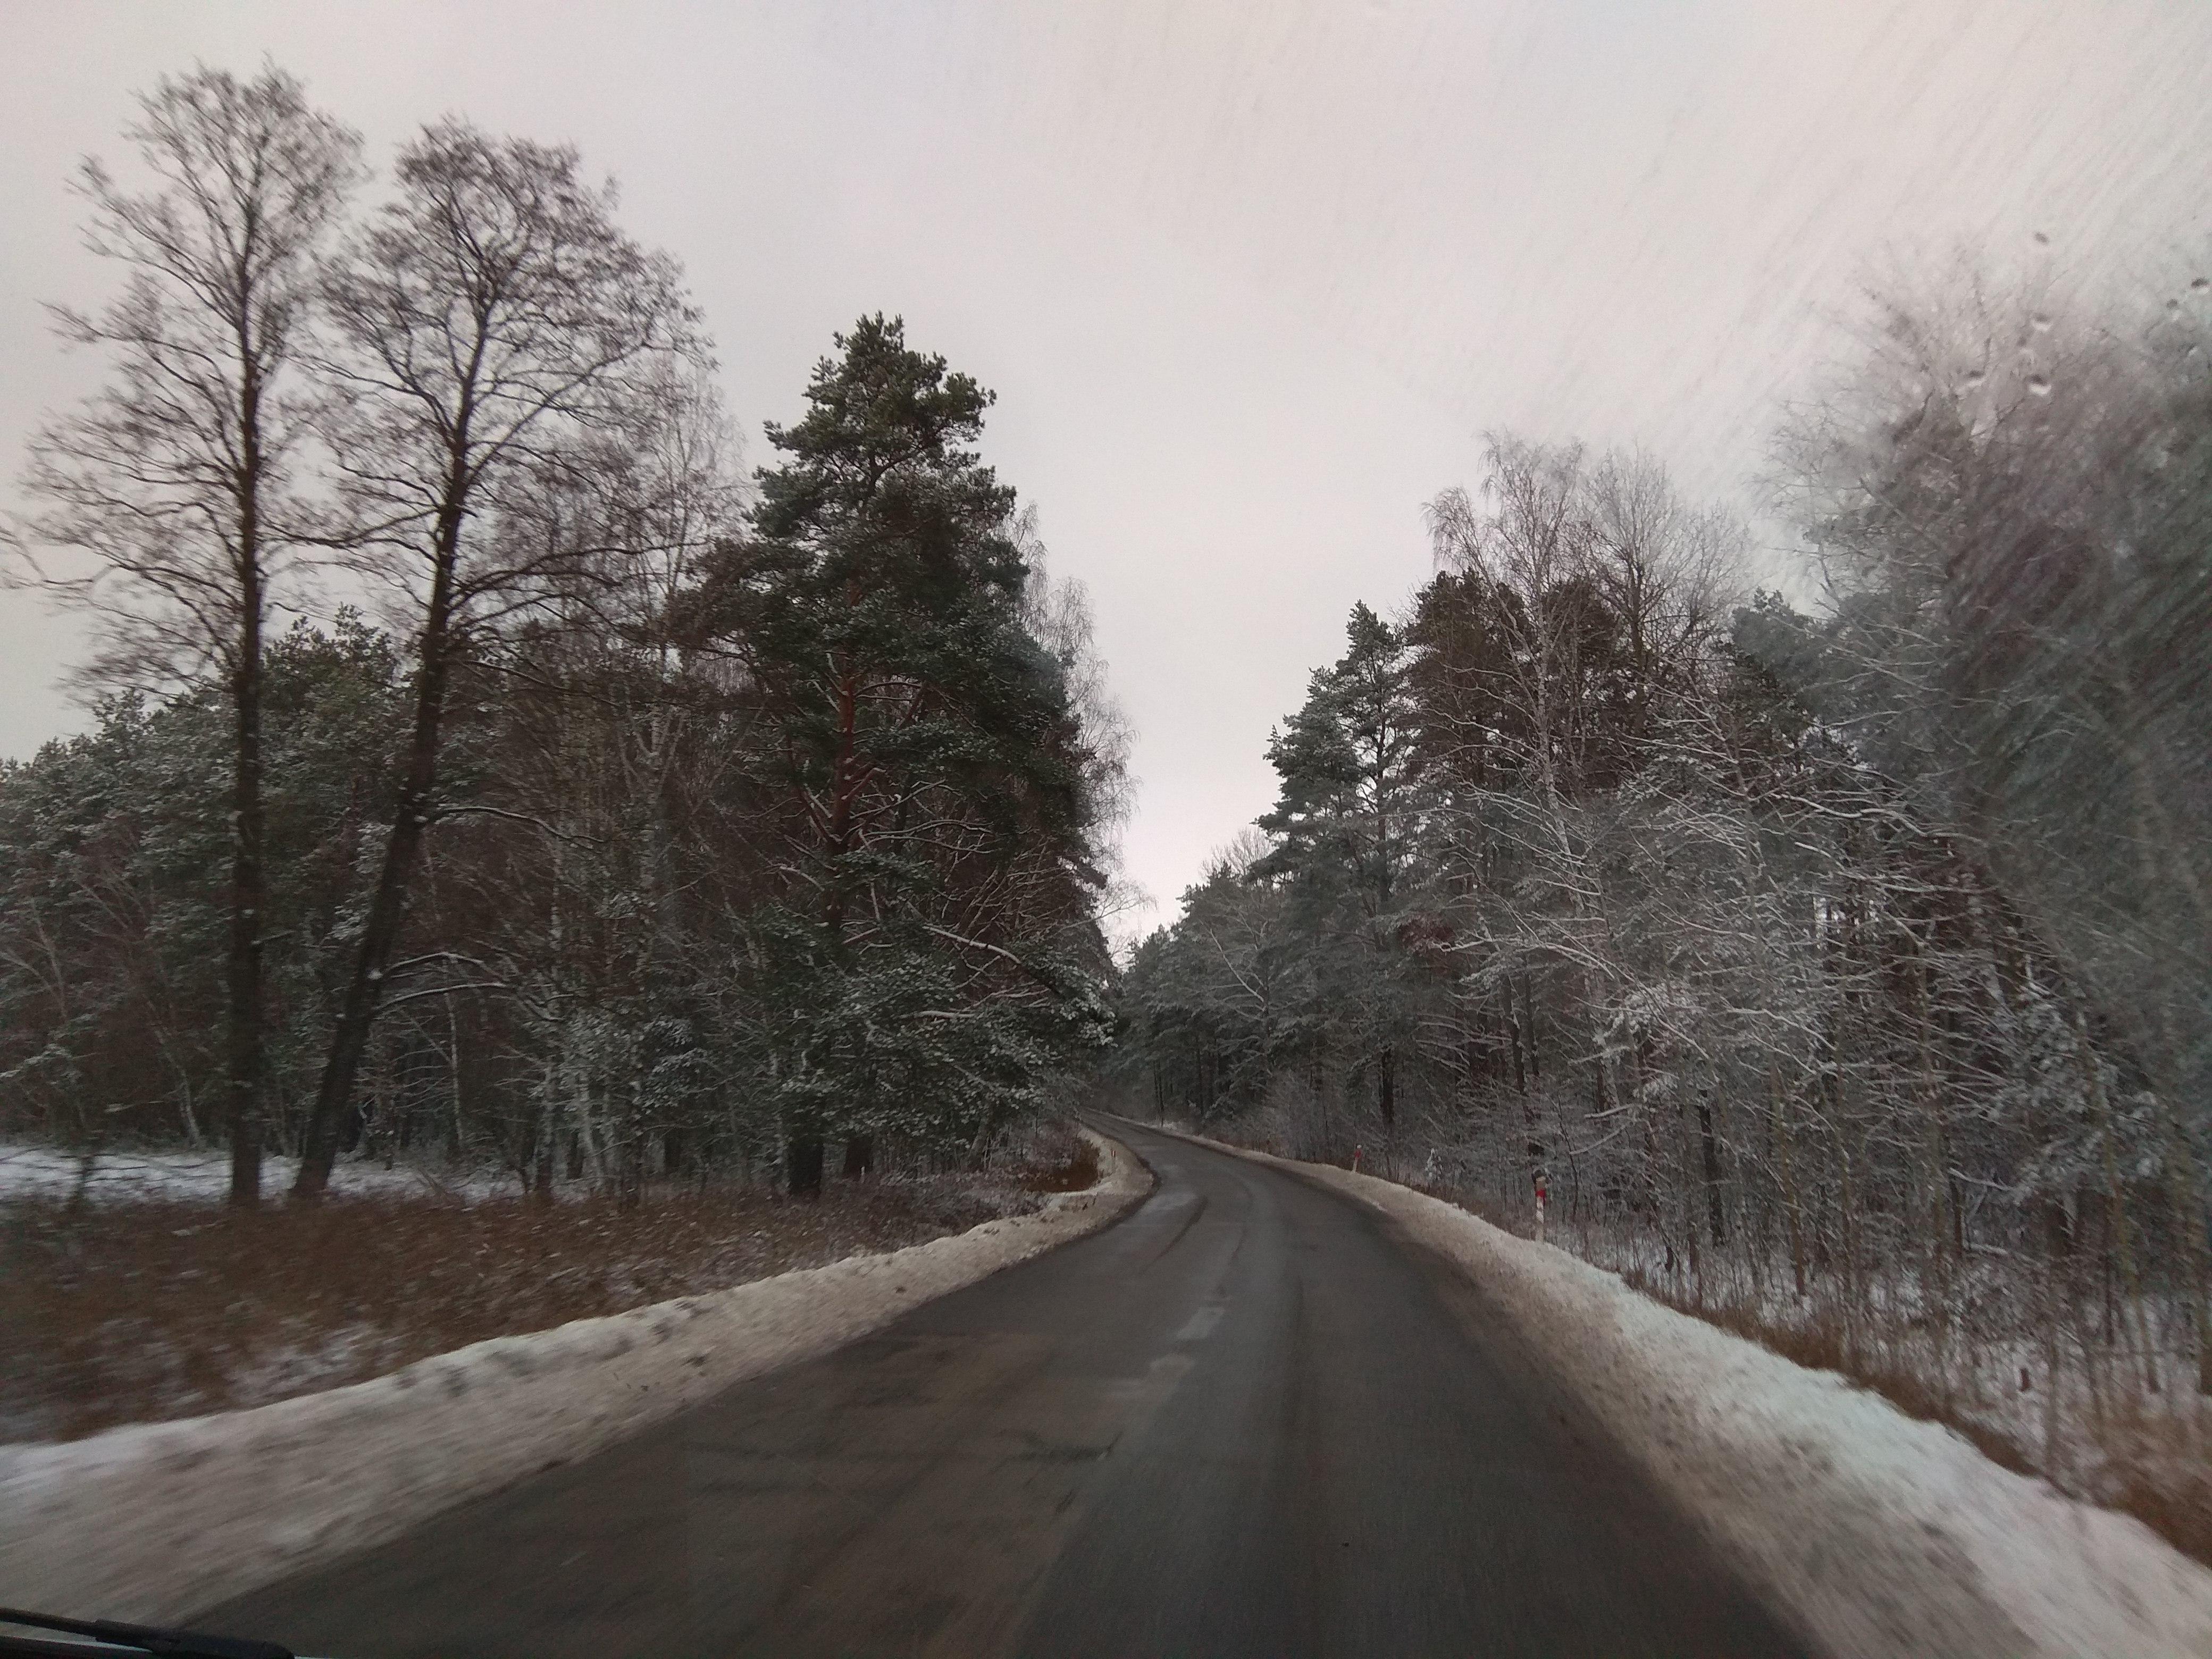 W drodze do Warszawy – droga z zaśnieżonym poboczem i licznymi, lekko ośnieżonymi wysokimi drzewami.